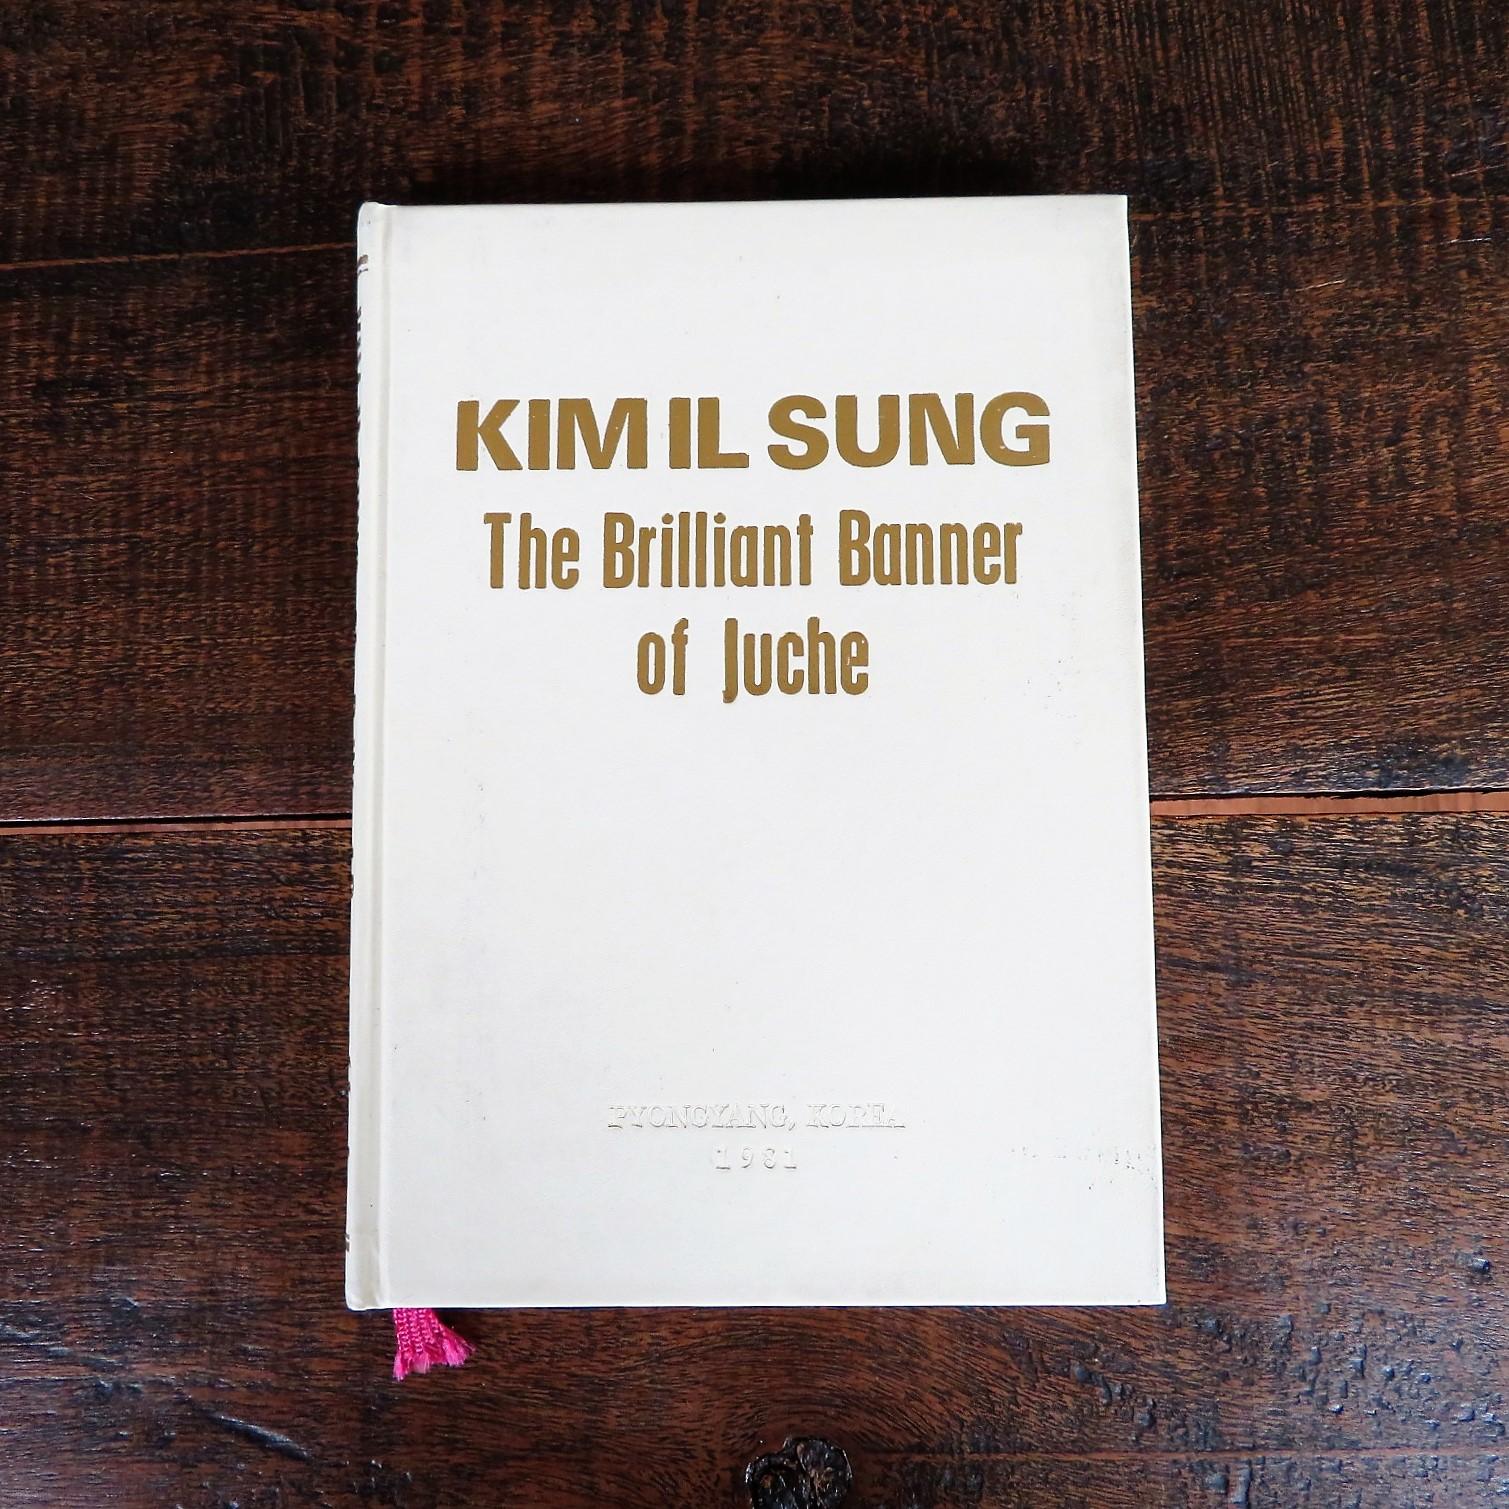 book-kim-il-sung-1-1